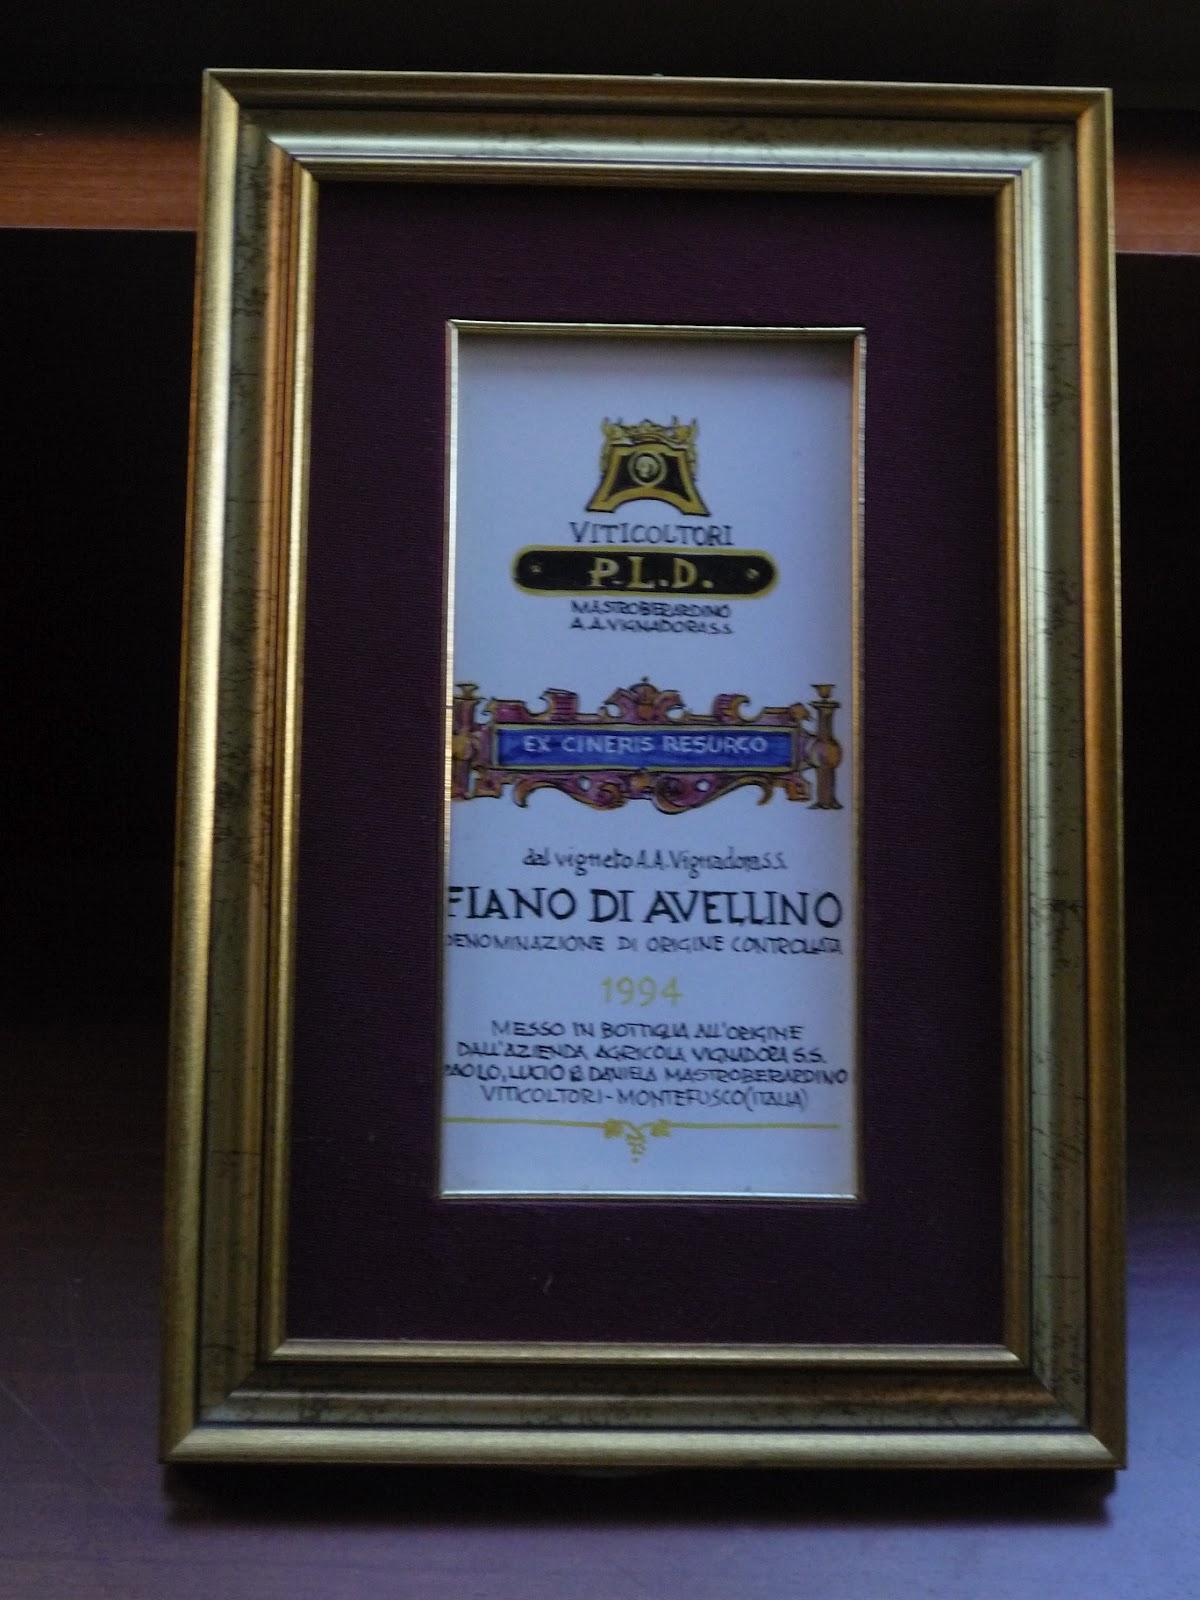 Il mercatino di casa tiraboschi quadro vino fiano di avellino for Mobili 2000 avellino